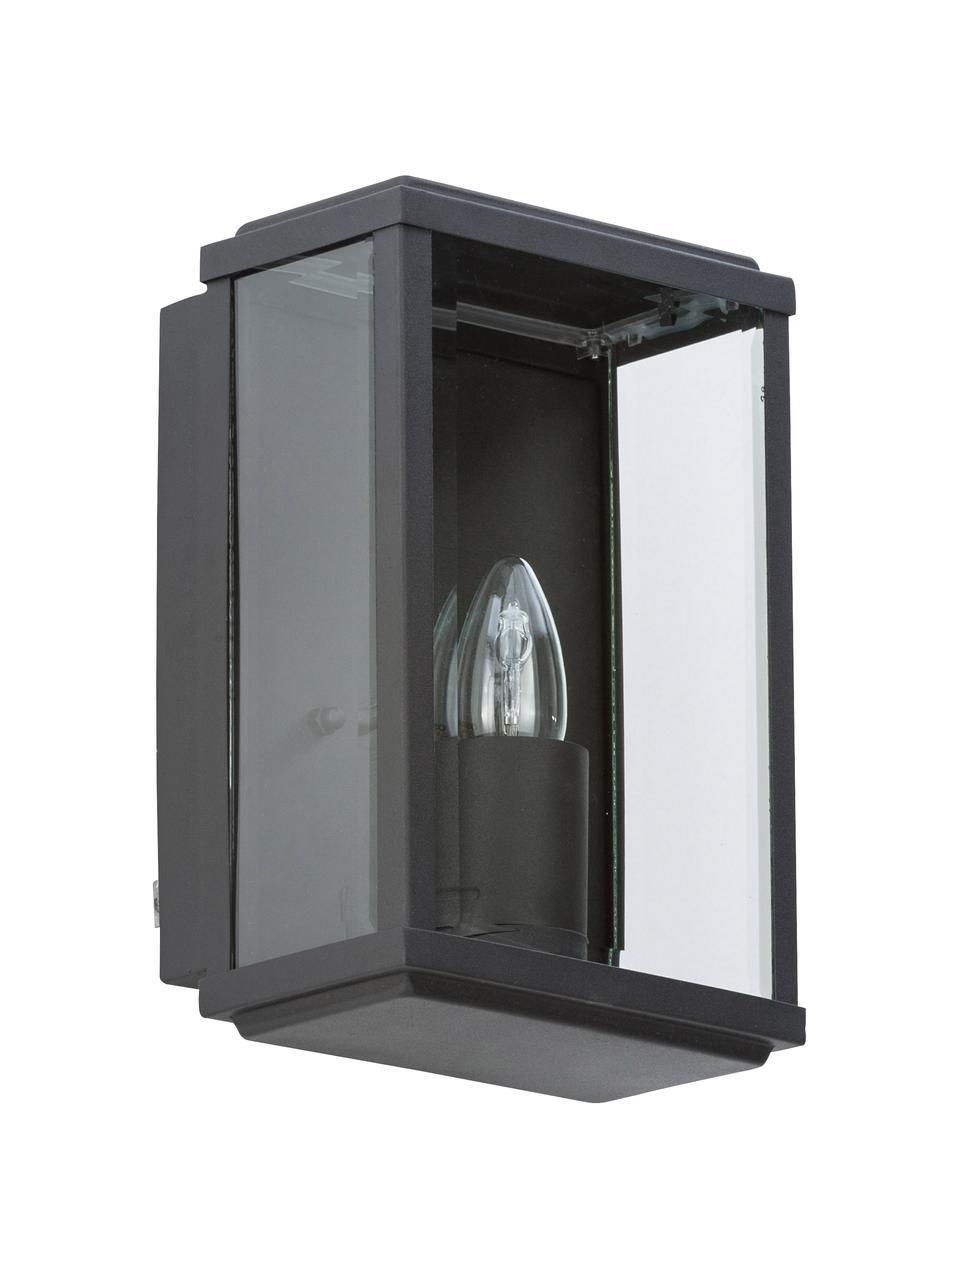 Außenwandleuchte Wally im Industrial-Style, Edelstahl, pulverbeschichtet mit Glas-Einsatz, Schwarz, Transparent, 16 x 25 cm